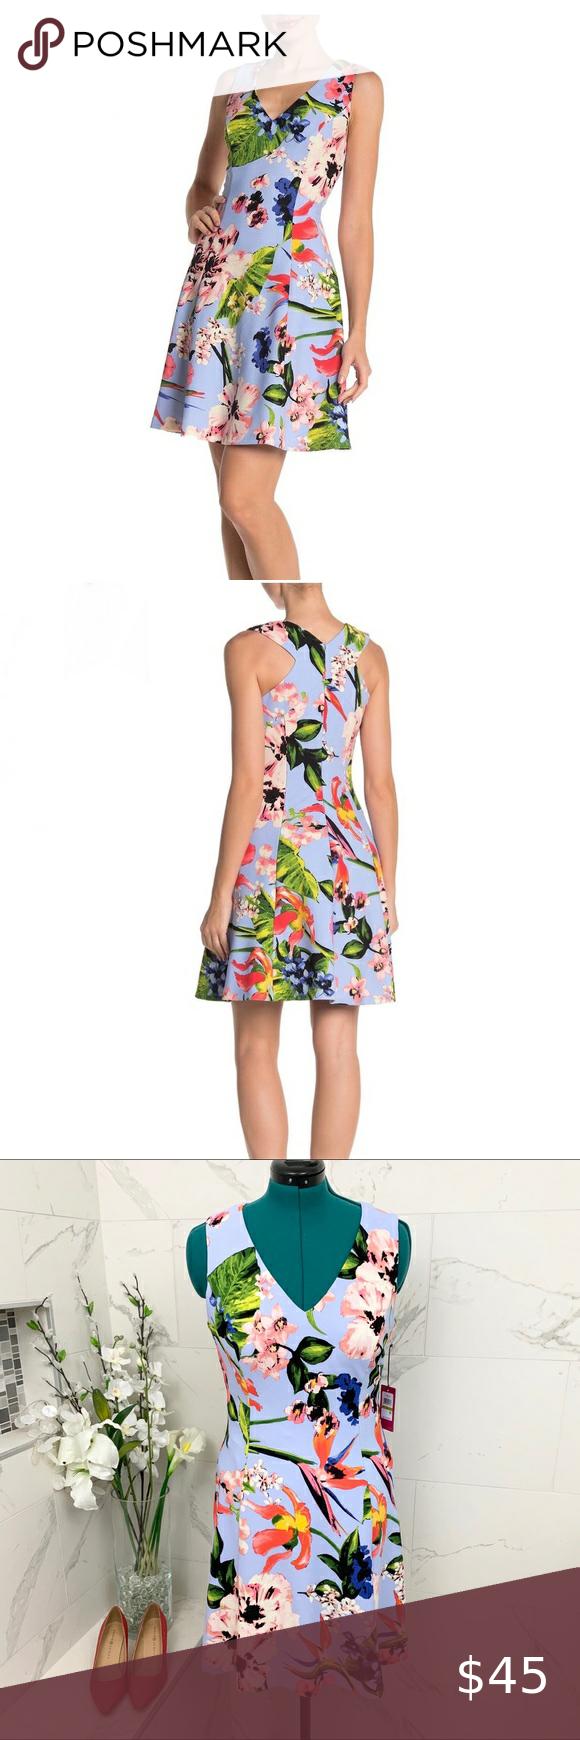 Vince Camuto Dress V Neck Sleeveless Floral 14 Nwt Vince Camuto Dress V Neck Sleeveless Floral 14 Nwt Periwinkle Blue Vince Camuto Dress Dresses Clothes Design [ 1740 x 580 Pixel ]